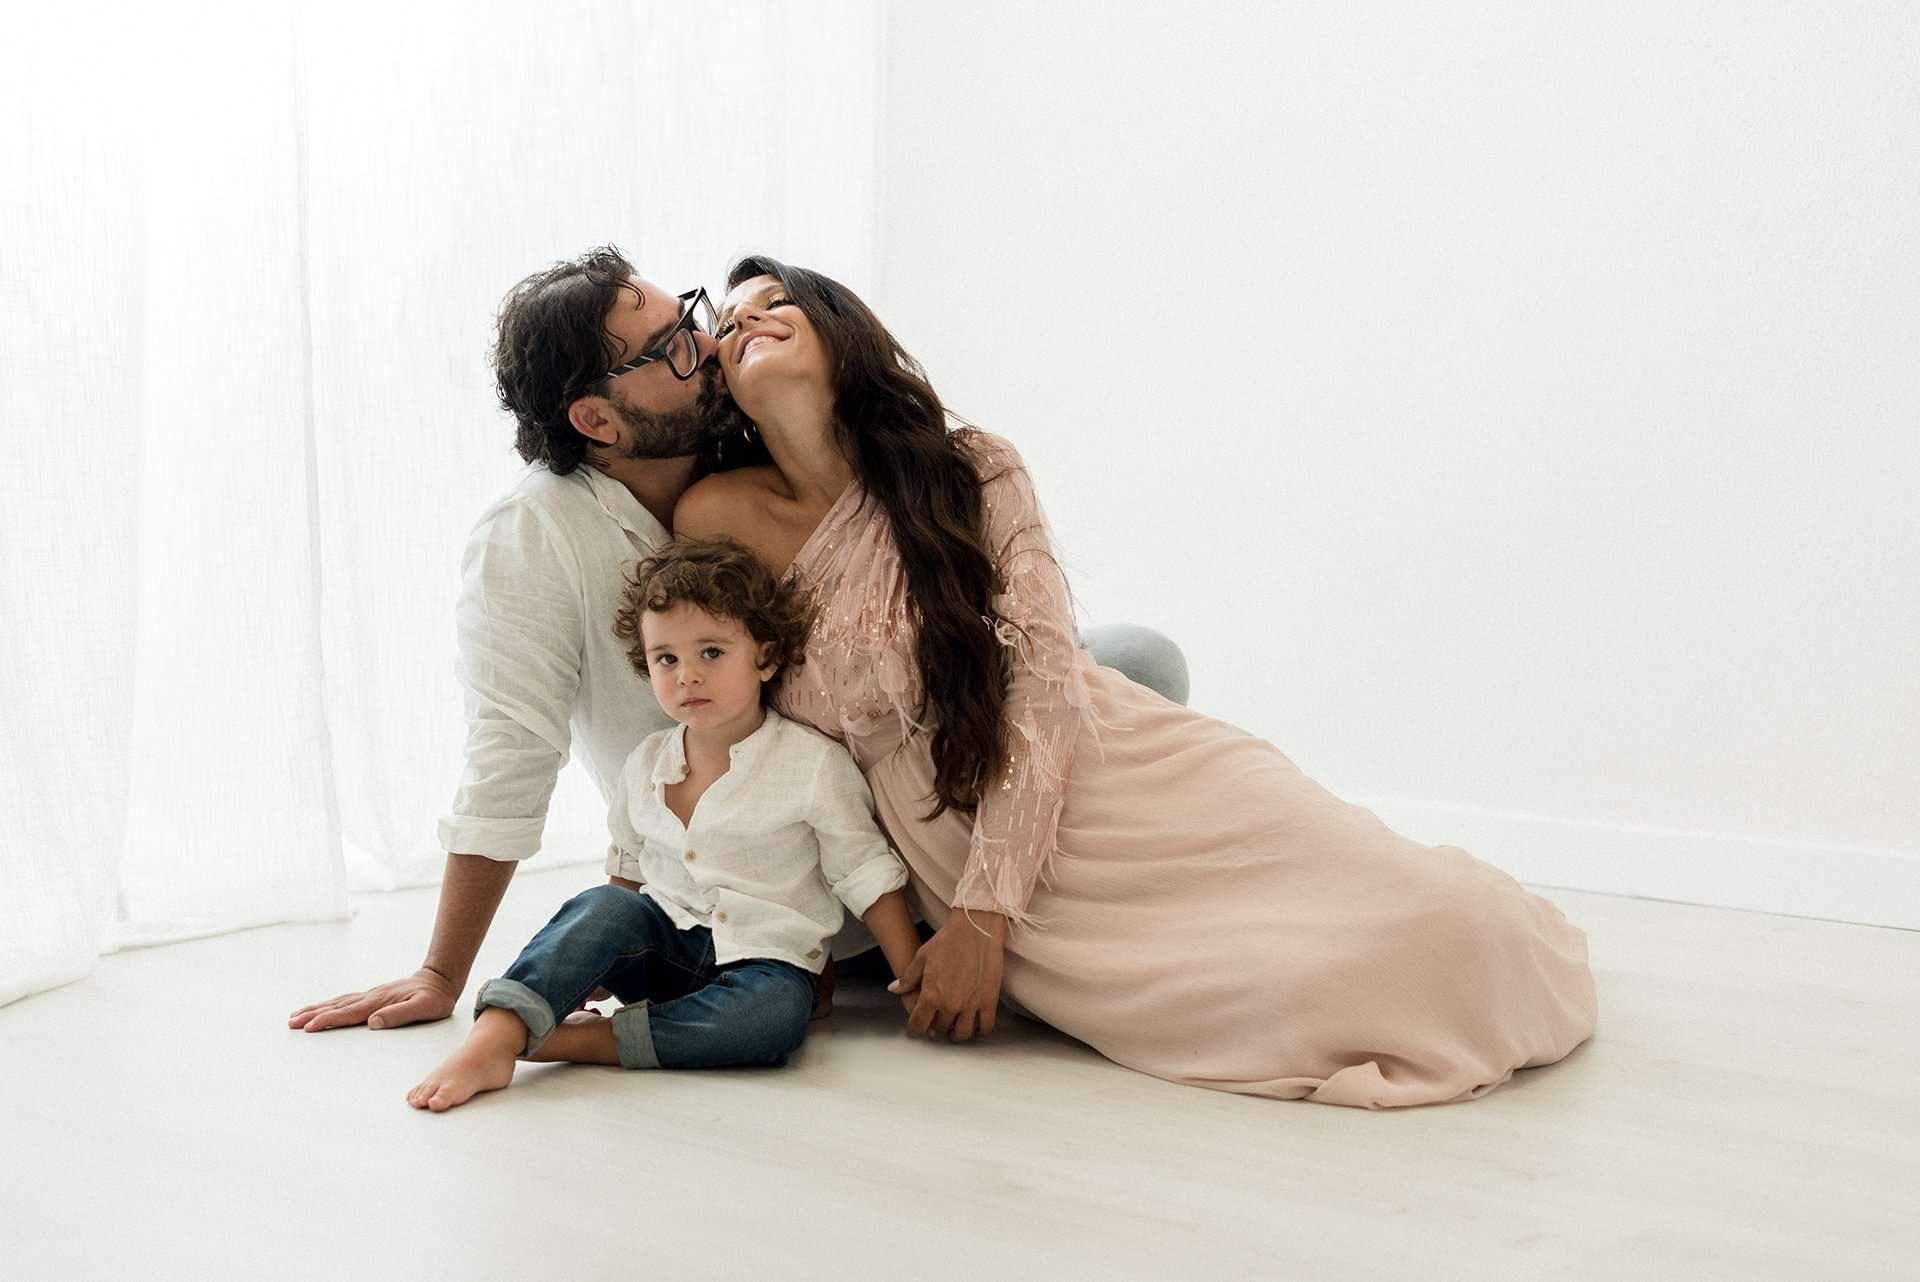 Sessione fotografica ritrtto di famiglia realizzata da Barbara Trincone Fotografo specializzato in Gravidanza, Maternità, Genitorialità, Nascita e Newborn a Napoli